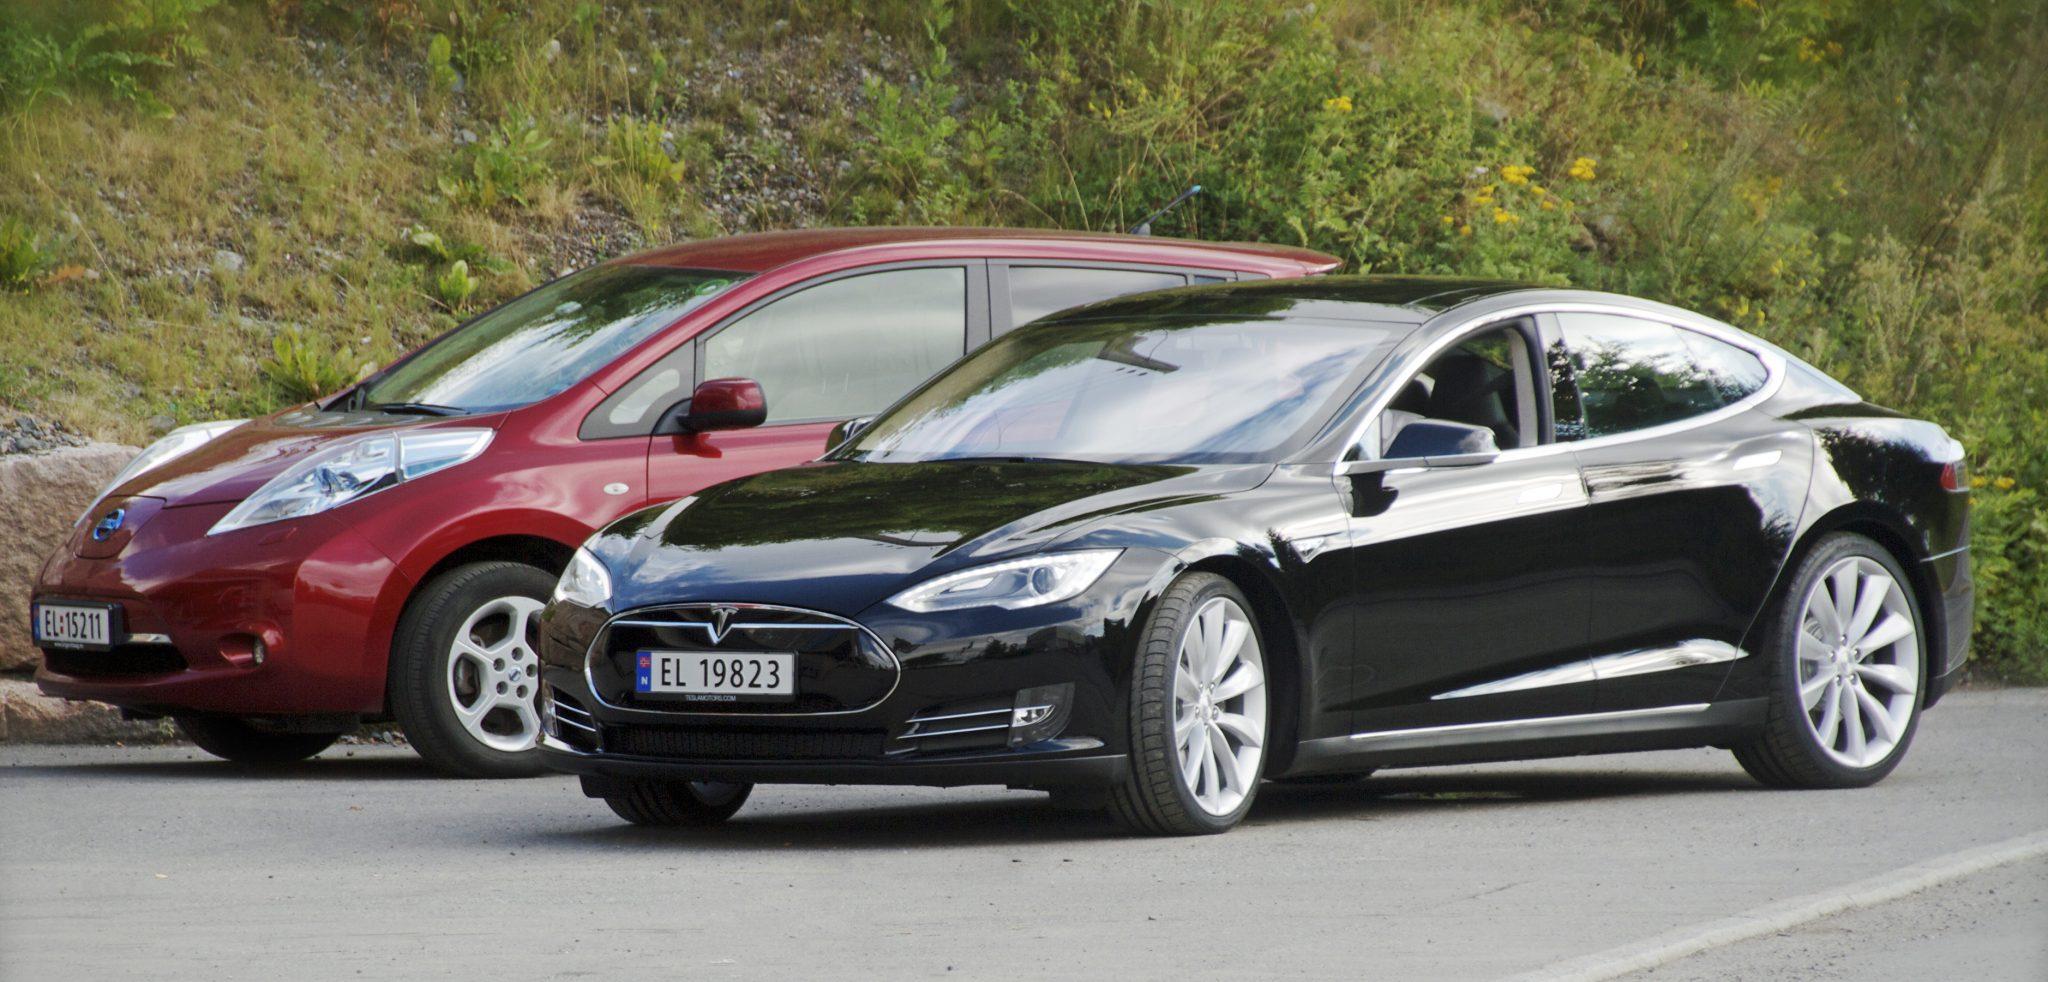 Noruega prohibirá la venta de vehículos diésel y gasolina en el año 2025: ¿Quién será el siguiente? 1